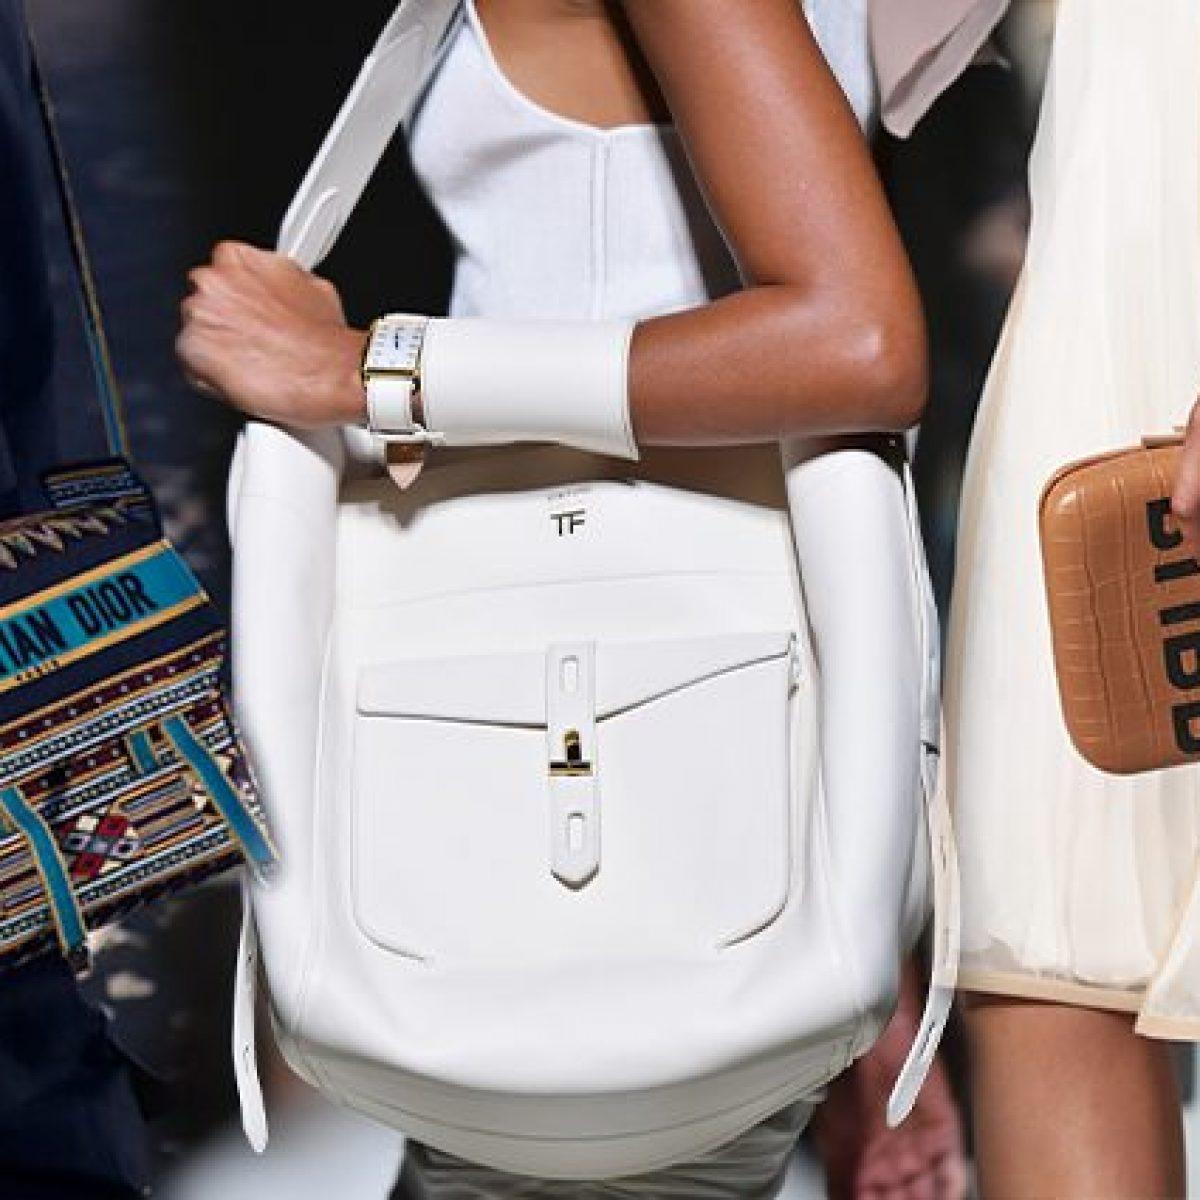 22fee1d3b1 Bianche, di tela o di paglia, le borse più trendy per la Primavera/Estate  2019